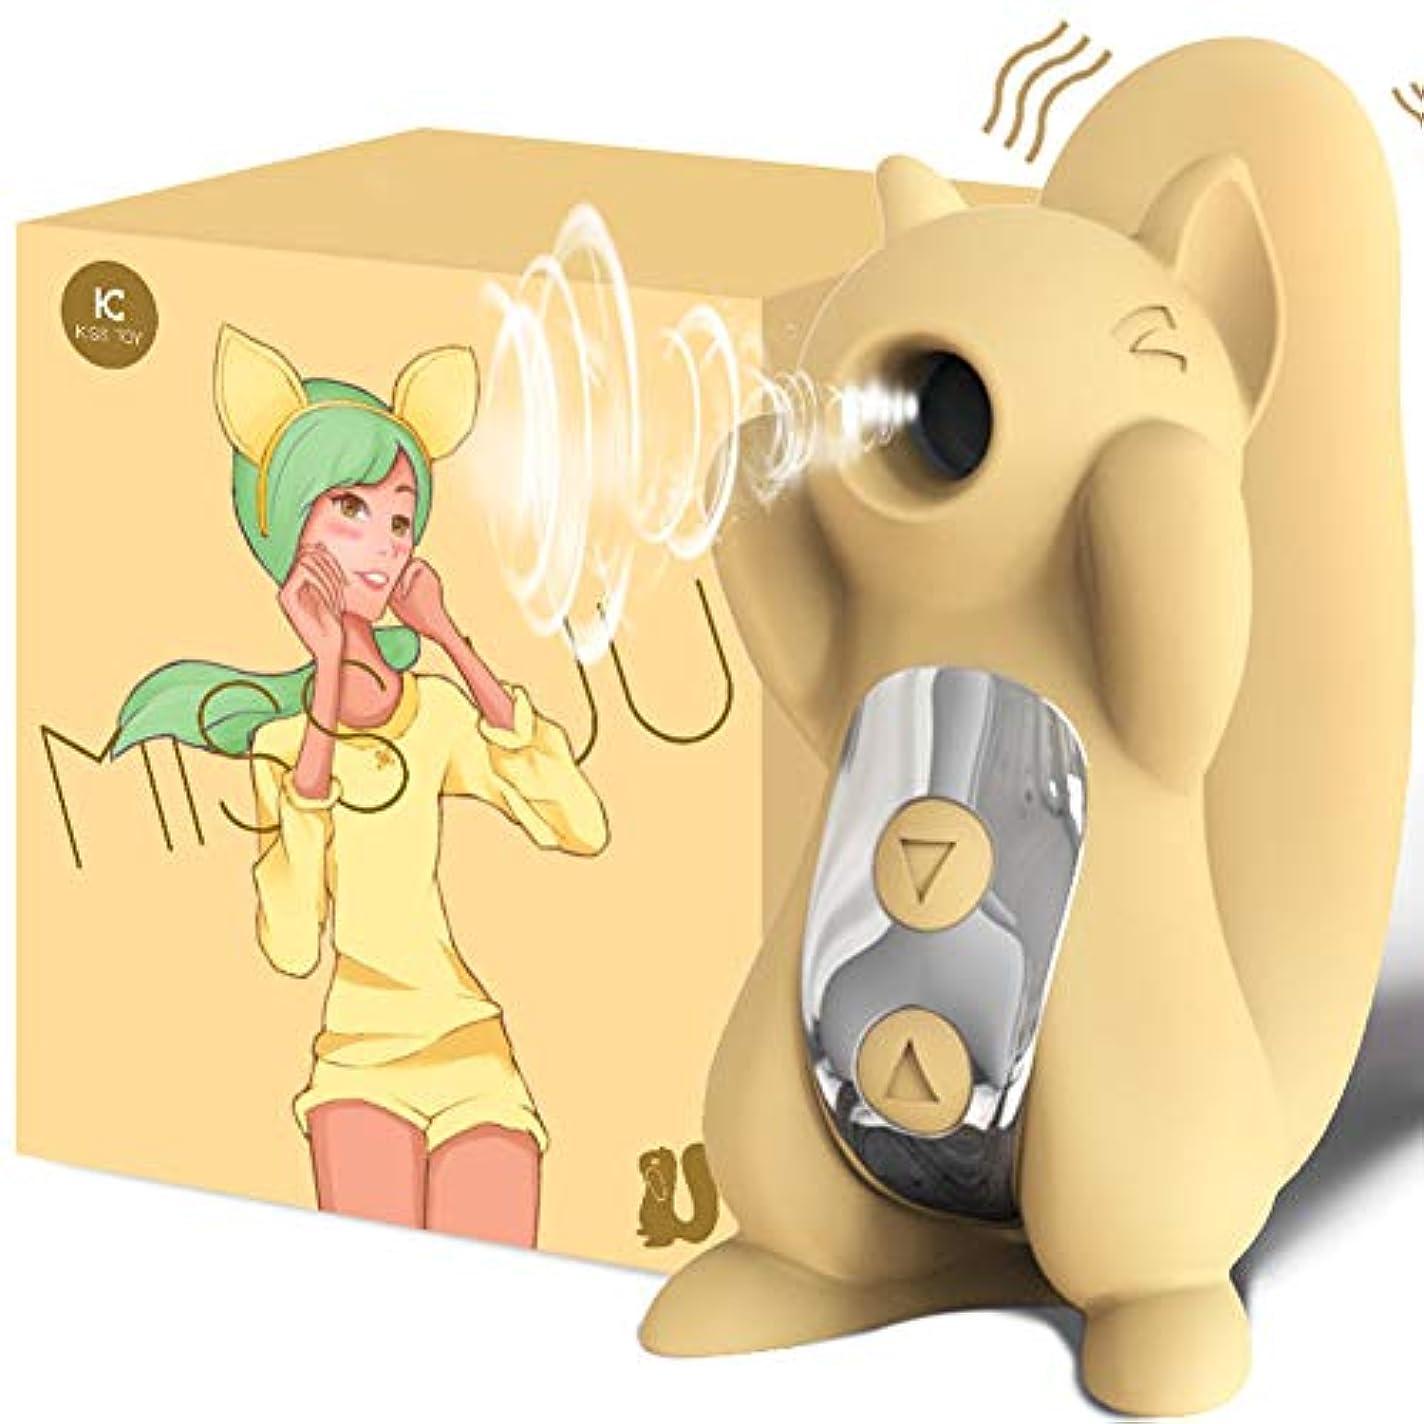 衝撃戦術マニアRabugoo 大人のおもちゃ 漫画形状膣吸引バイブレーターオーラルセックス吸引クリトリス刺激女性エロティックおもちゃ 黄